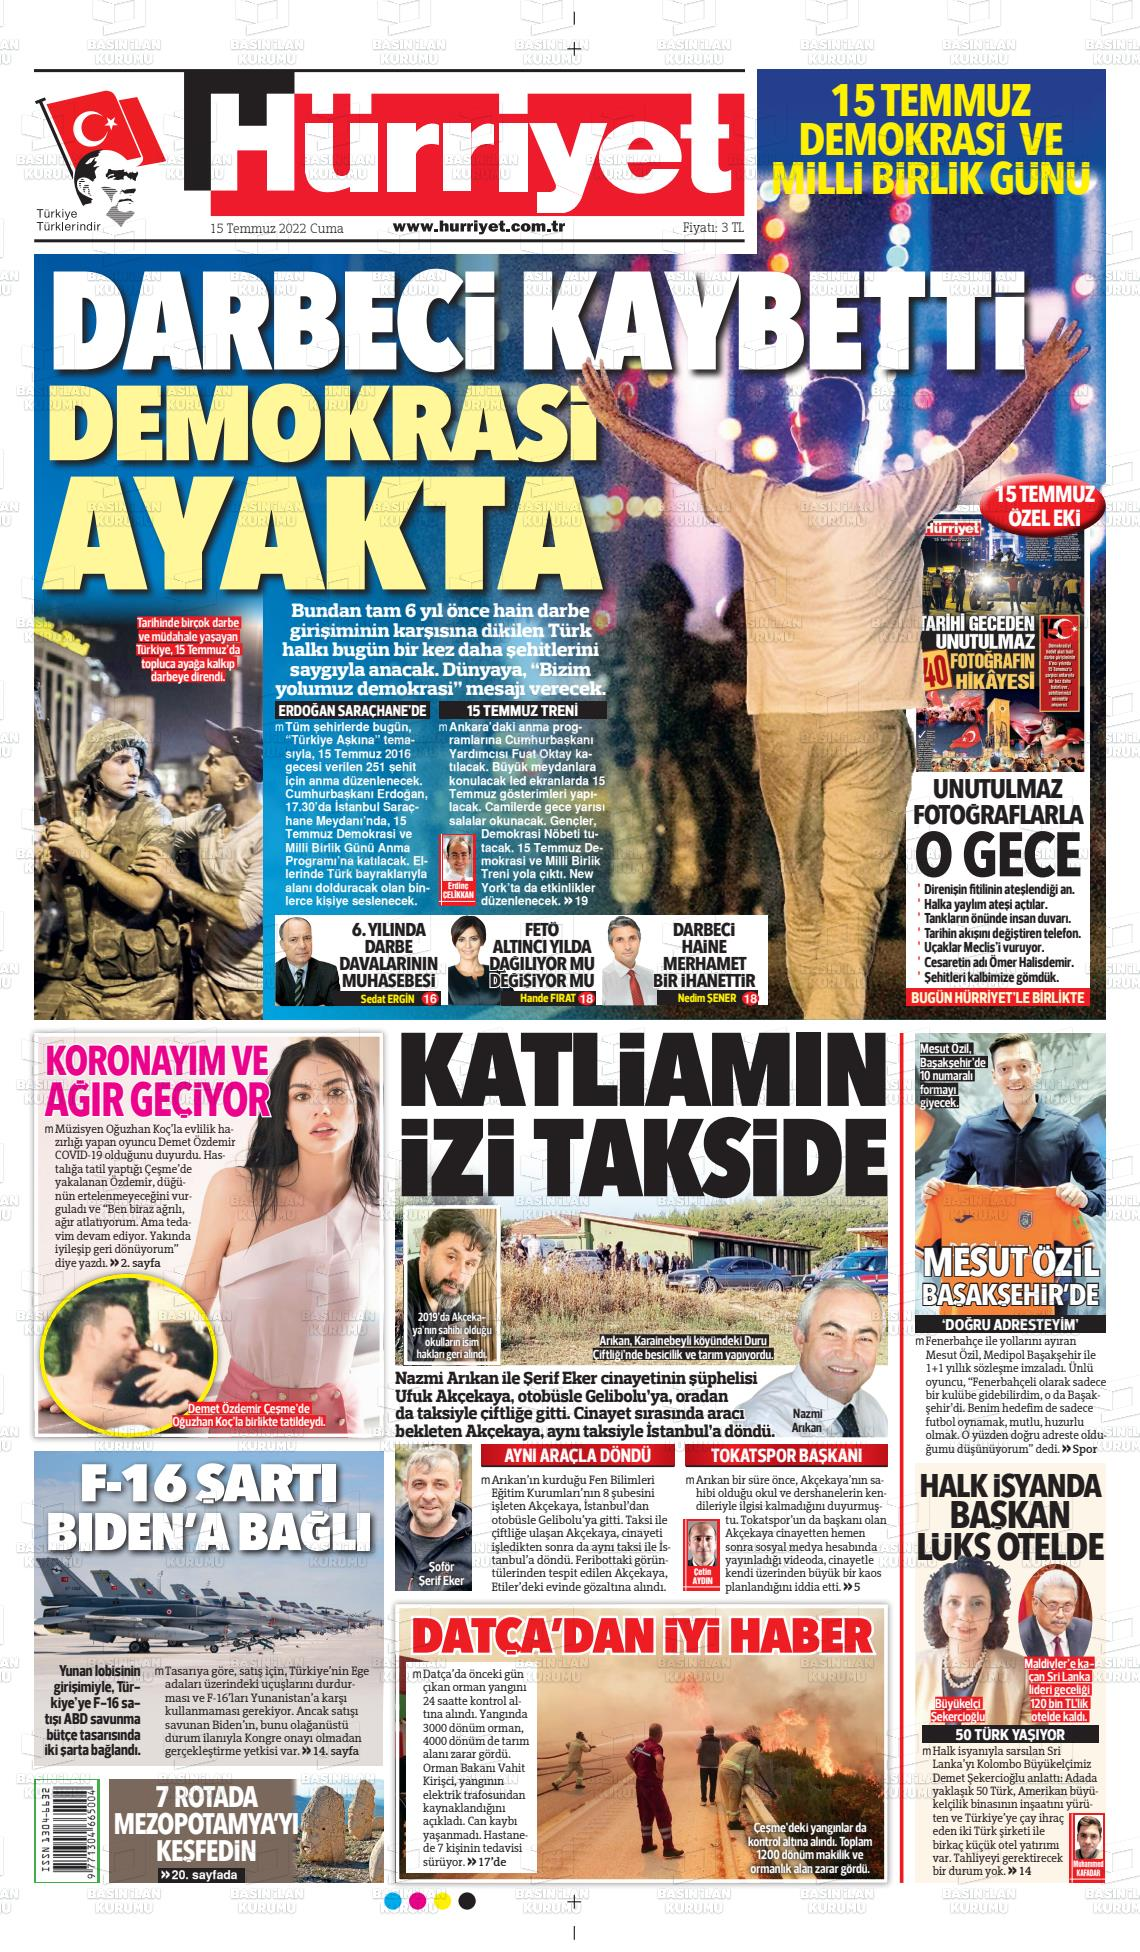 Hürriyet Gazetesi Gazetesi